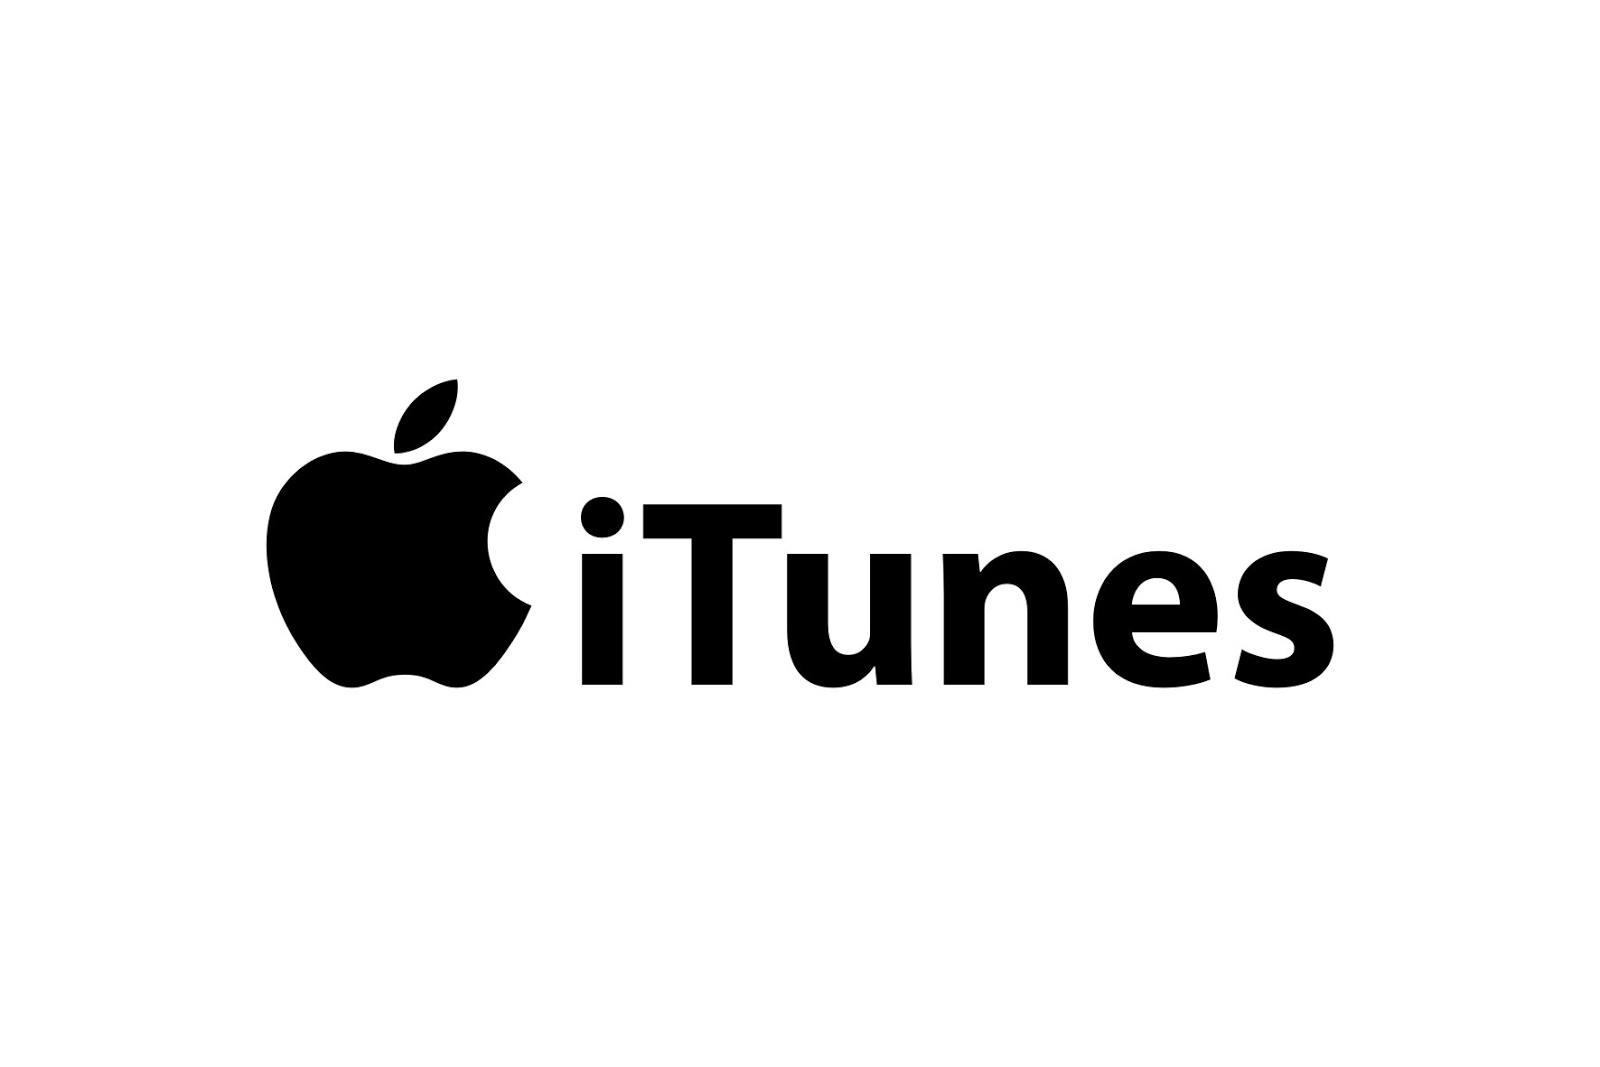 http://un-zensiert.de/Logo%20iTunes.JPG